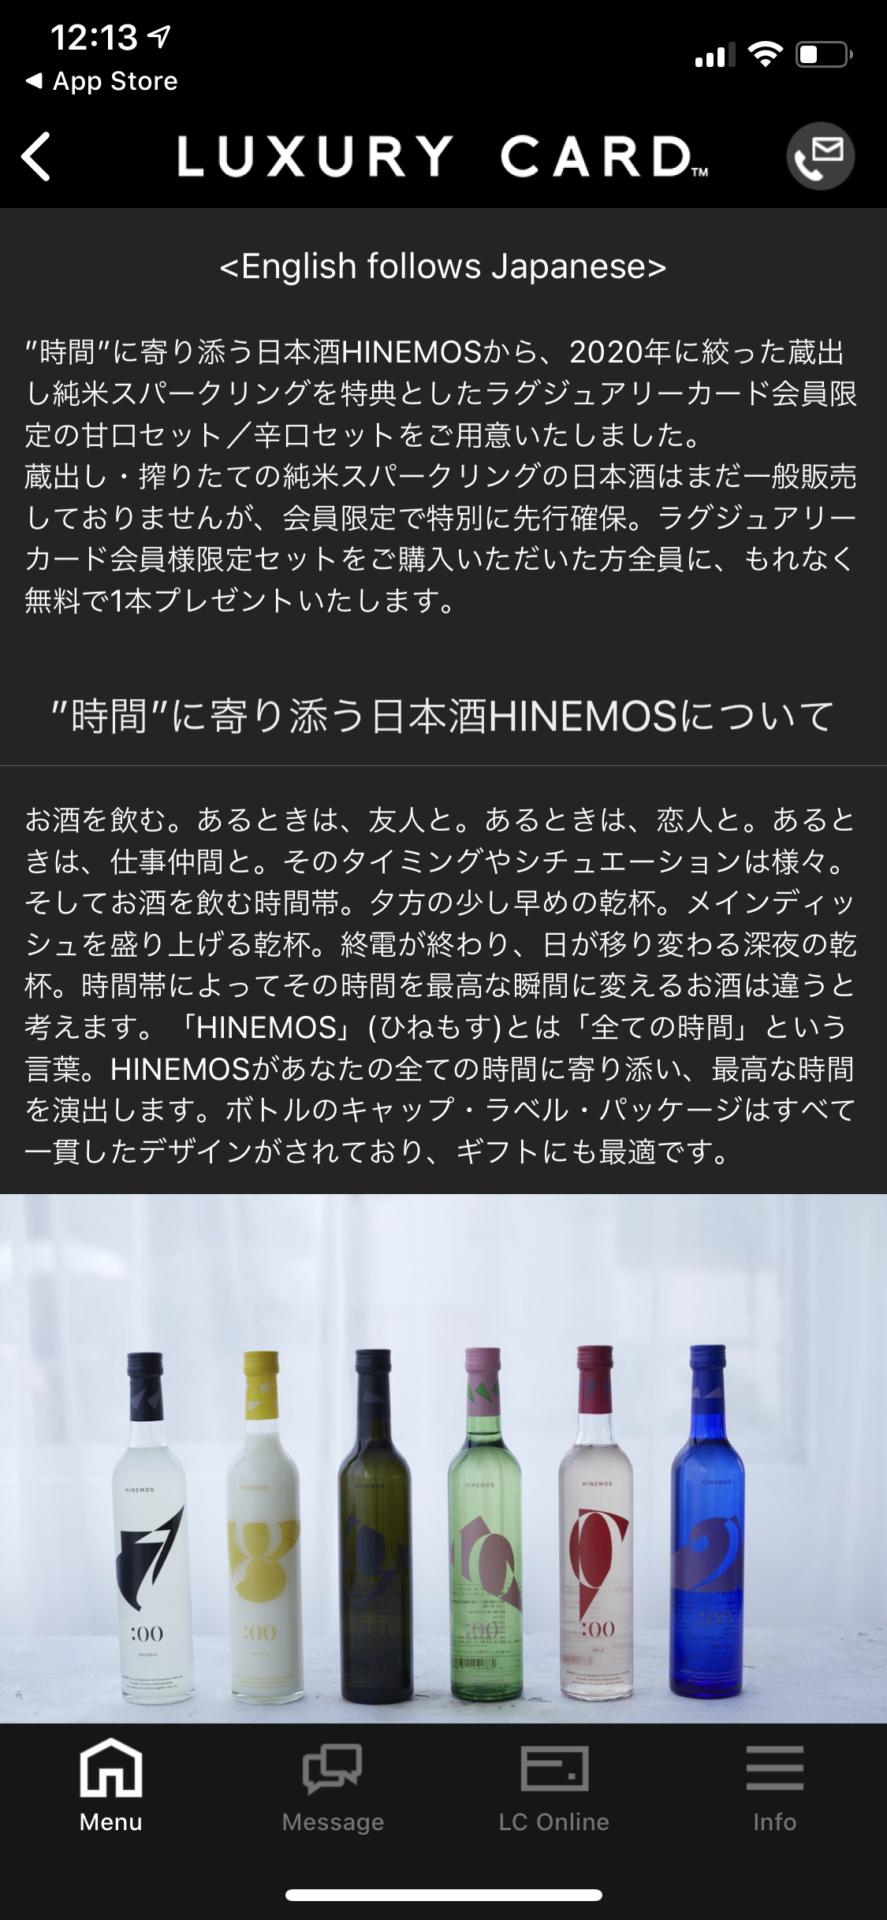 ラグジュアリーカード限定の日本酒優待 (3)